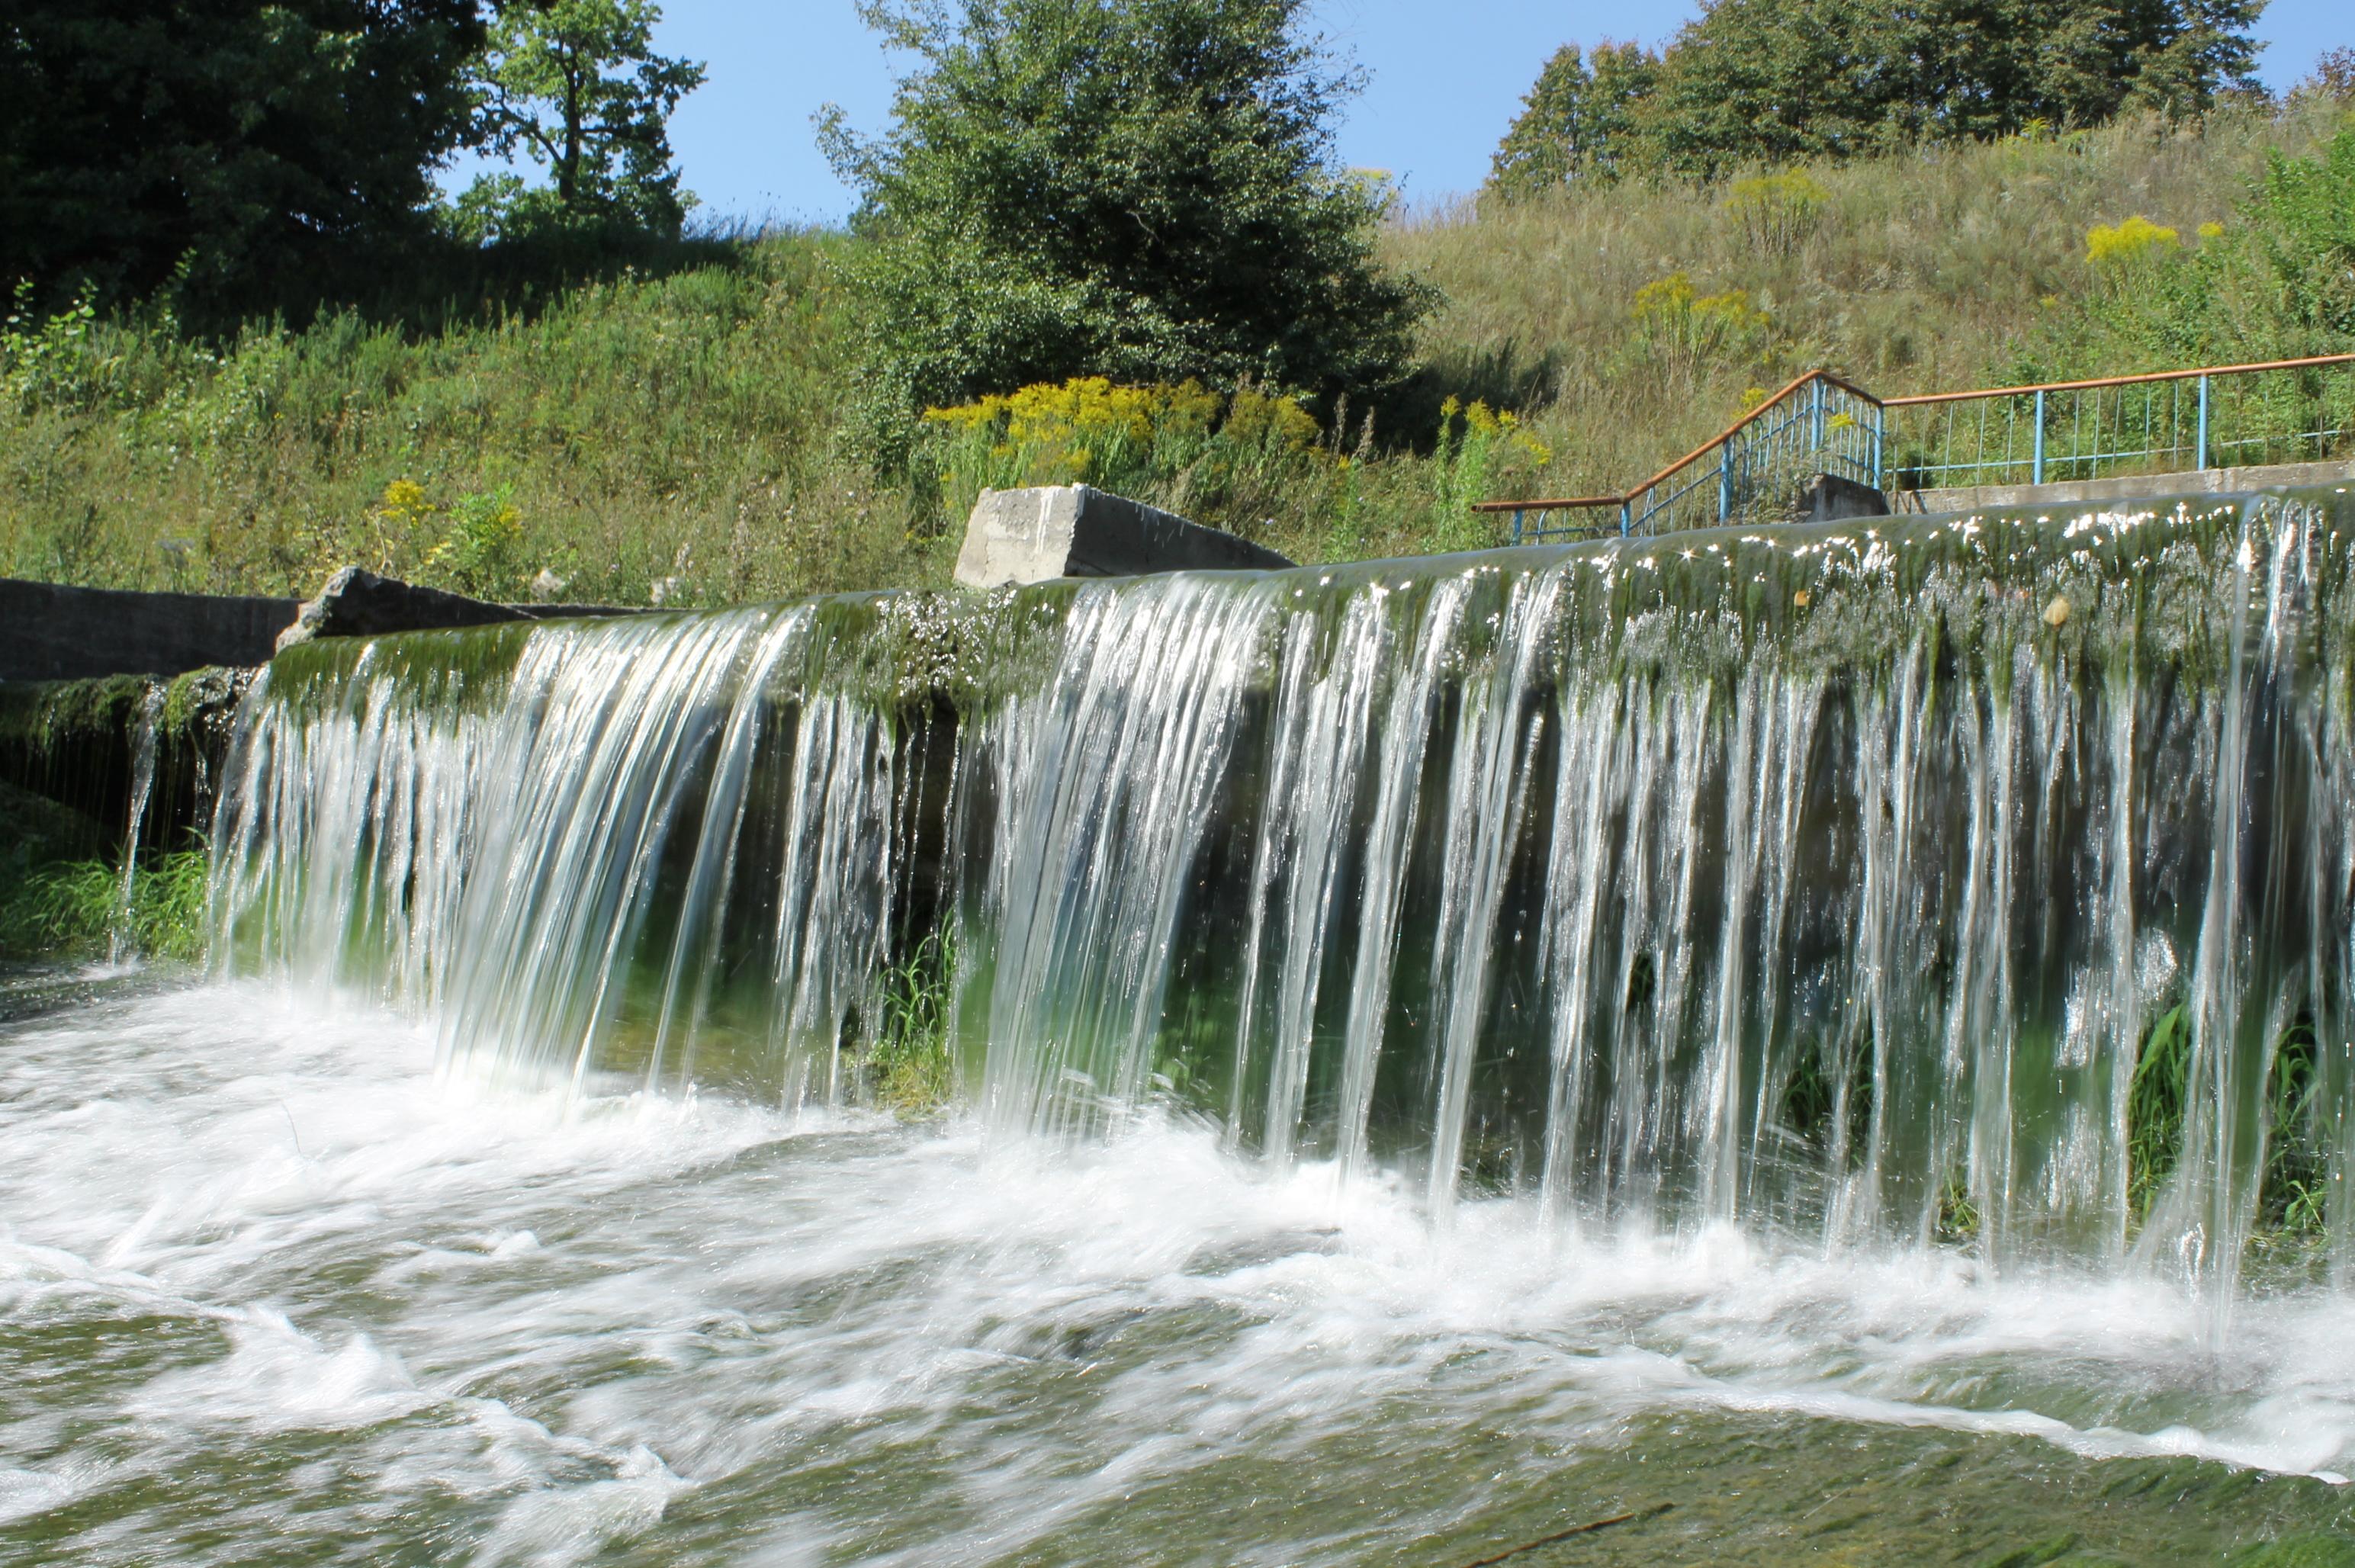 23023 скачать обои Пейзаж, Река, Деревья, Водопады - заставки и картинки бесплатно